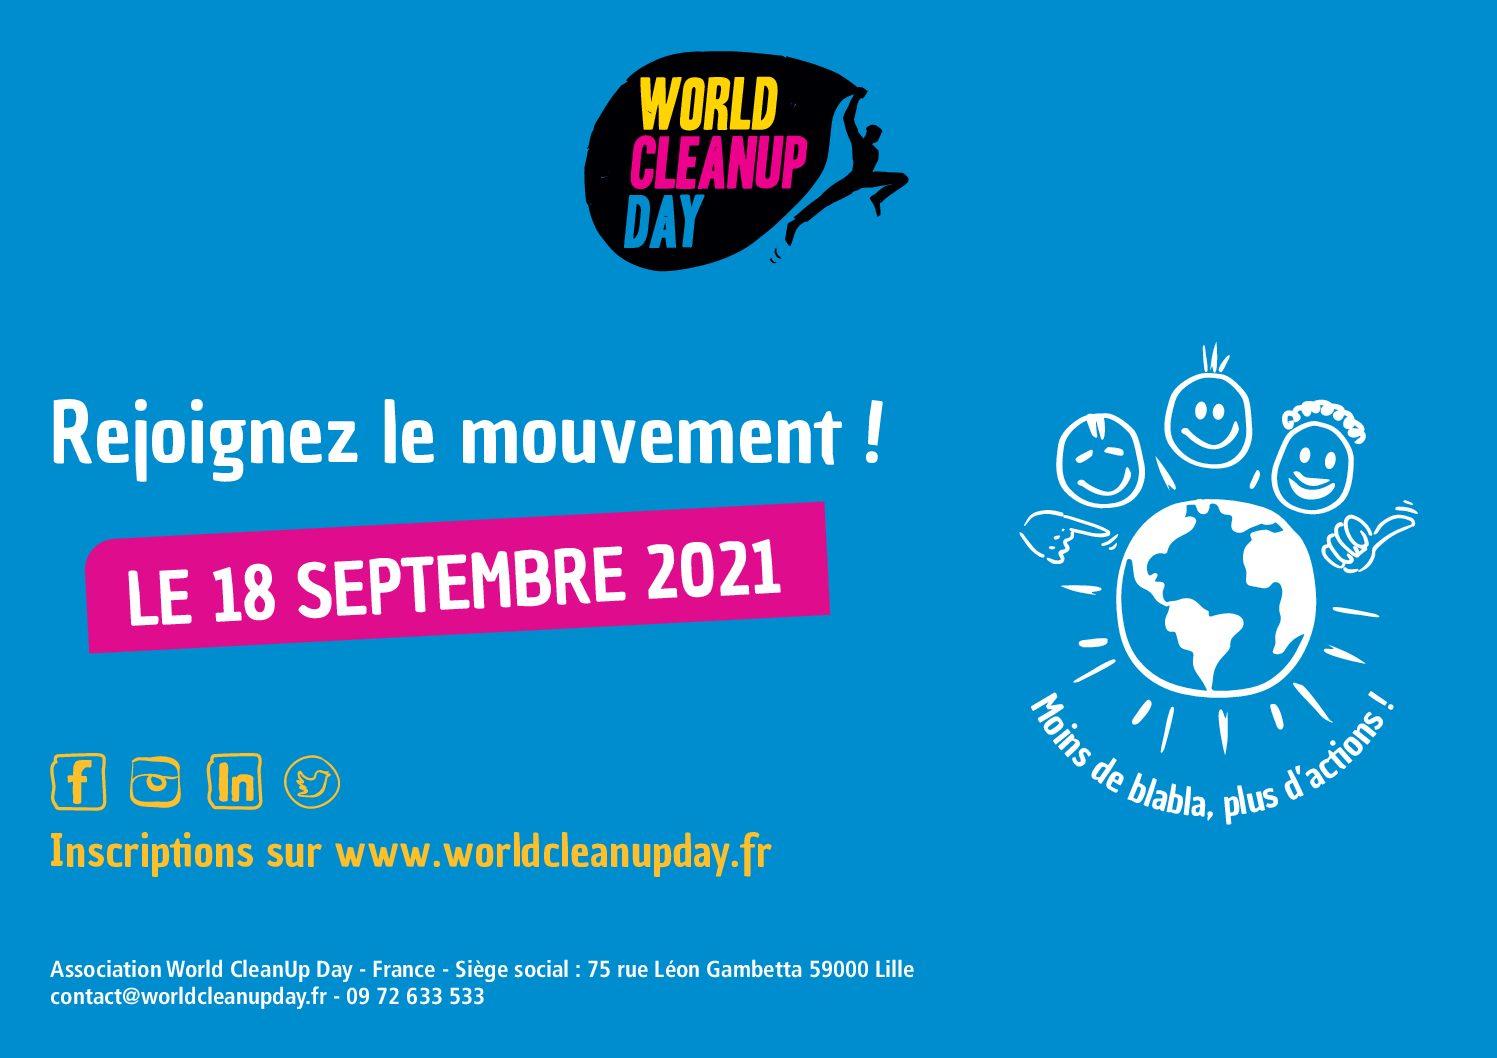 Journée mondiale du nettoyage de notre planète le 18 septembre 2021